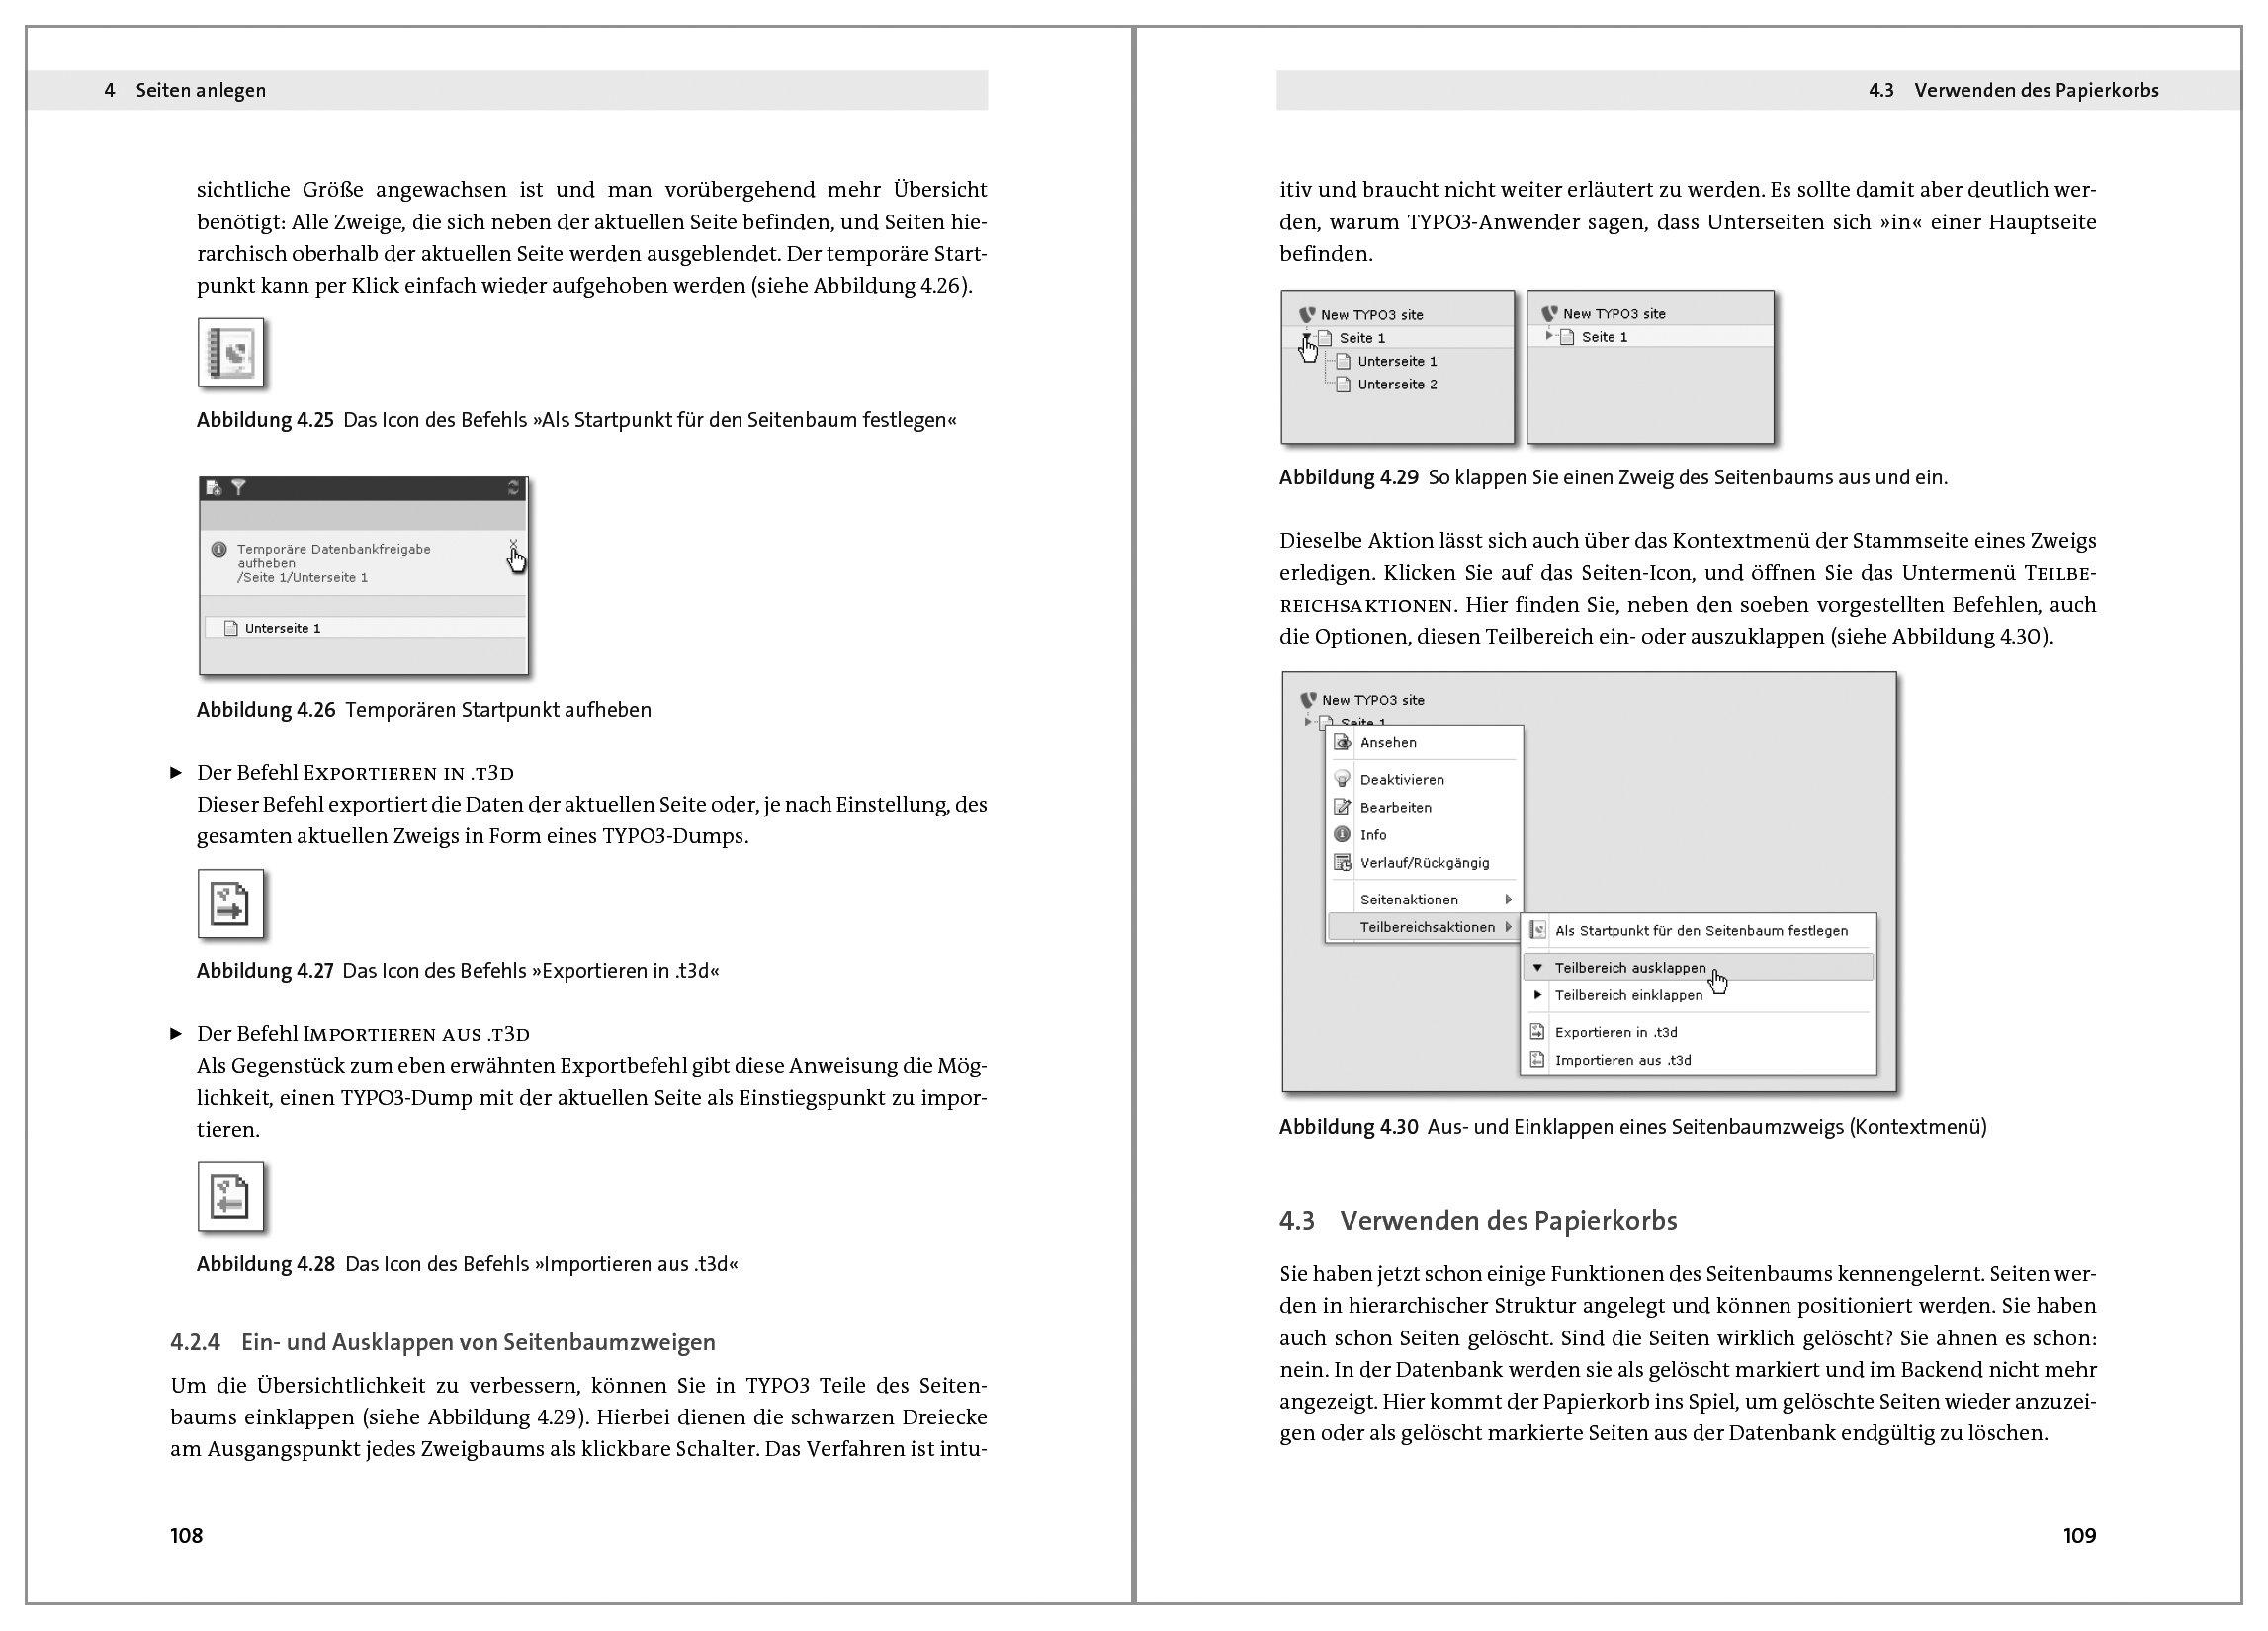 Großartig Meine Lieblingsbuchvorlage Ideen - Entry Level Resume ...